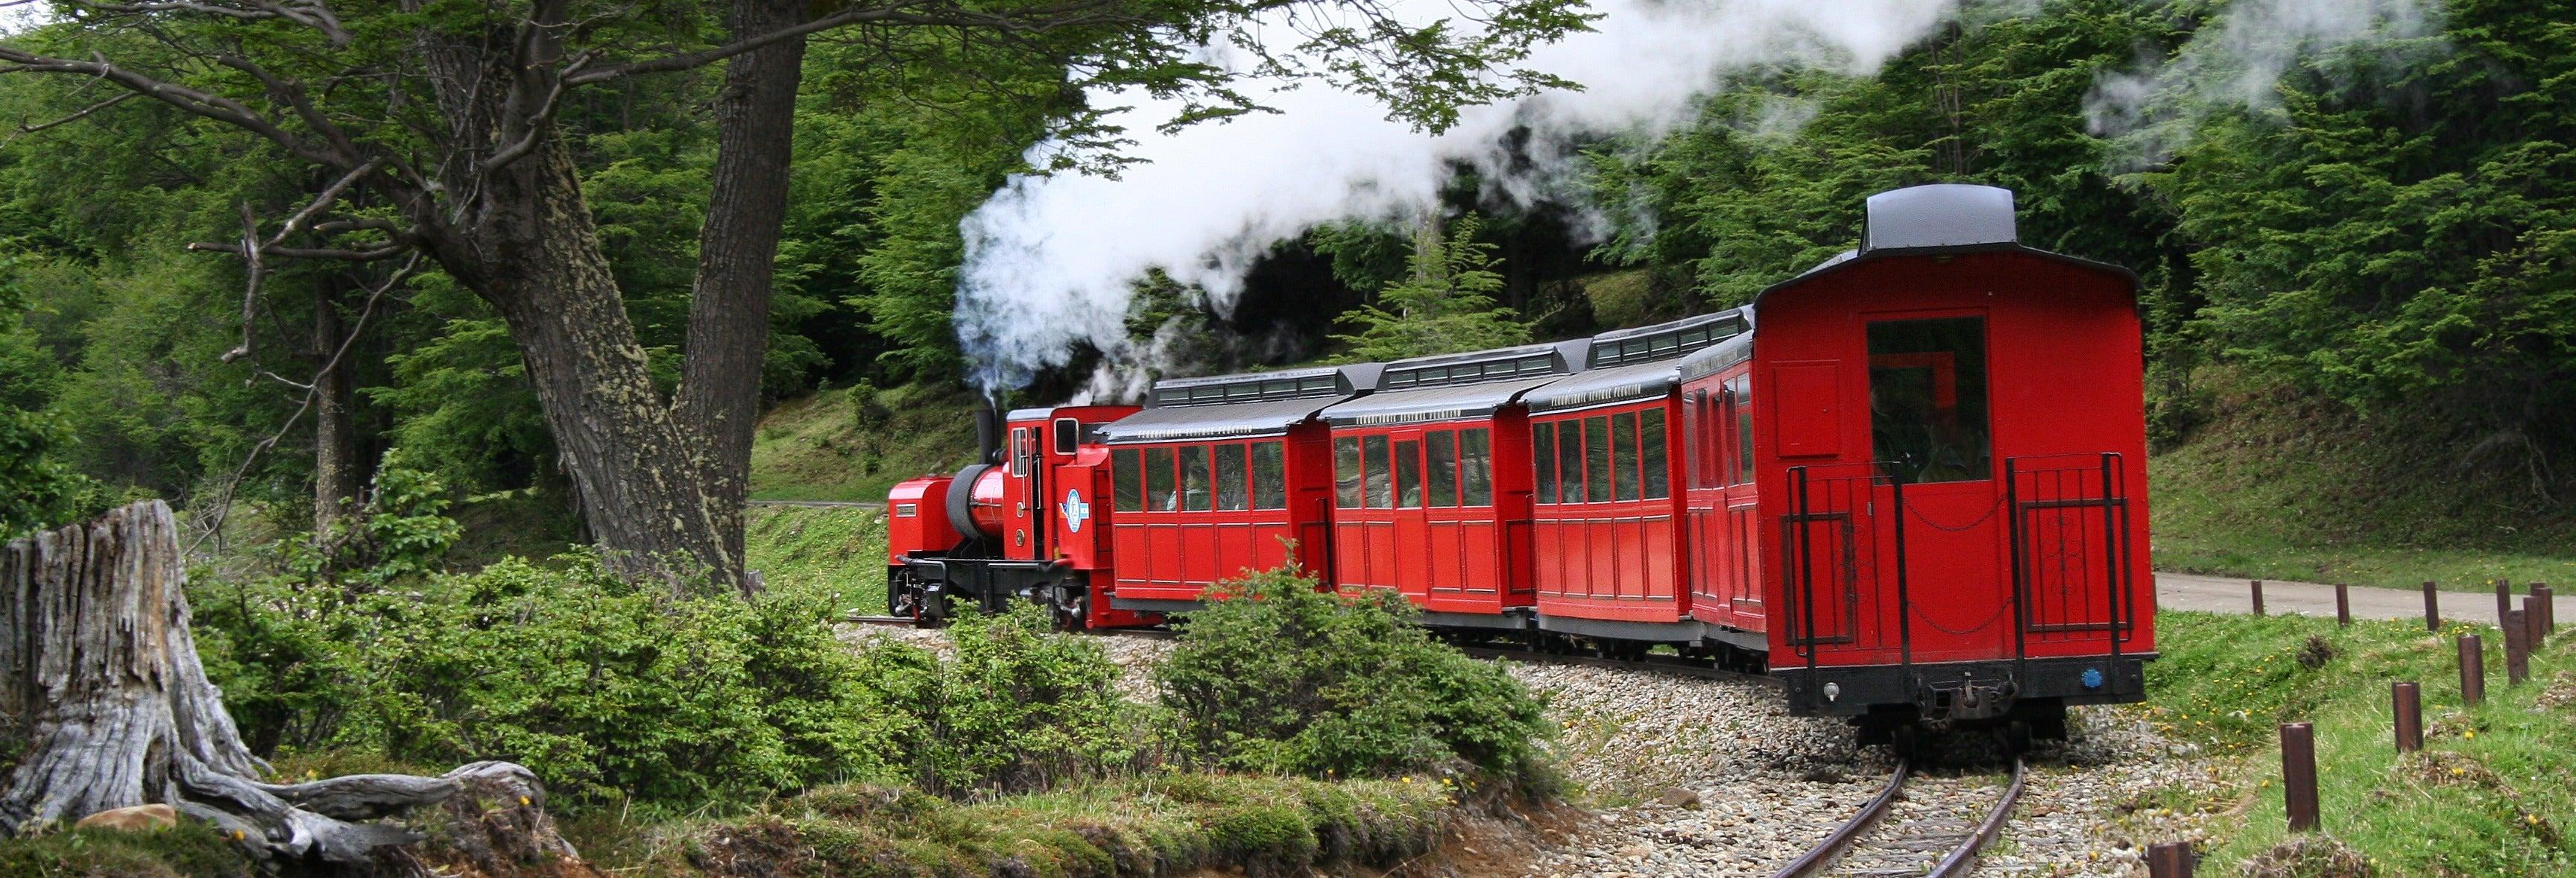 Excursão à Terra do Fogo + Trem do Fim do Mundo